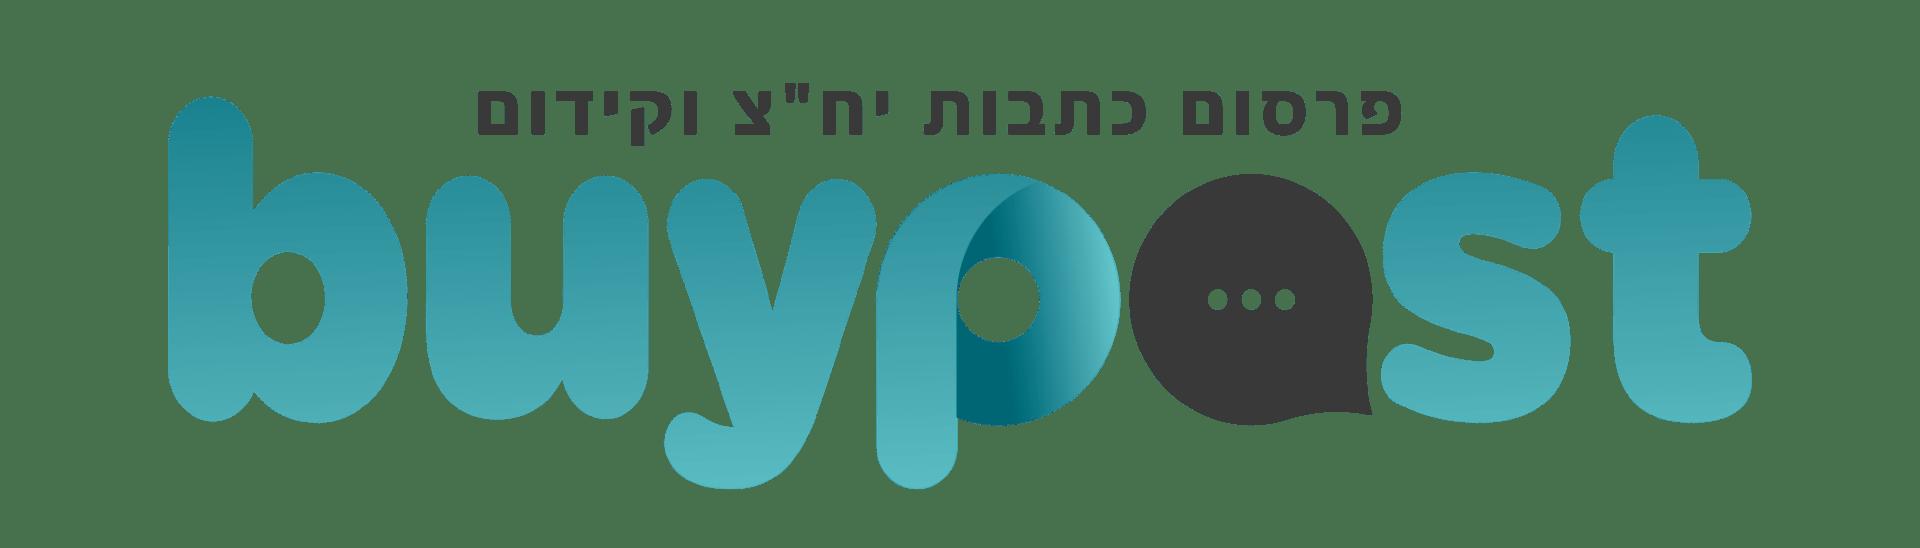 חברת BUYPOST לוגו לקוח - חותם המילה